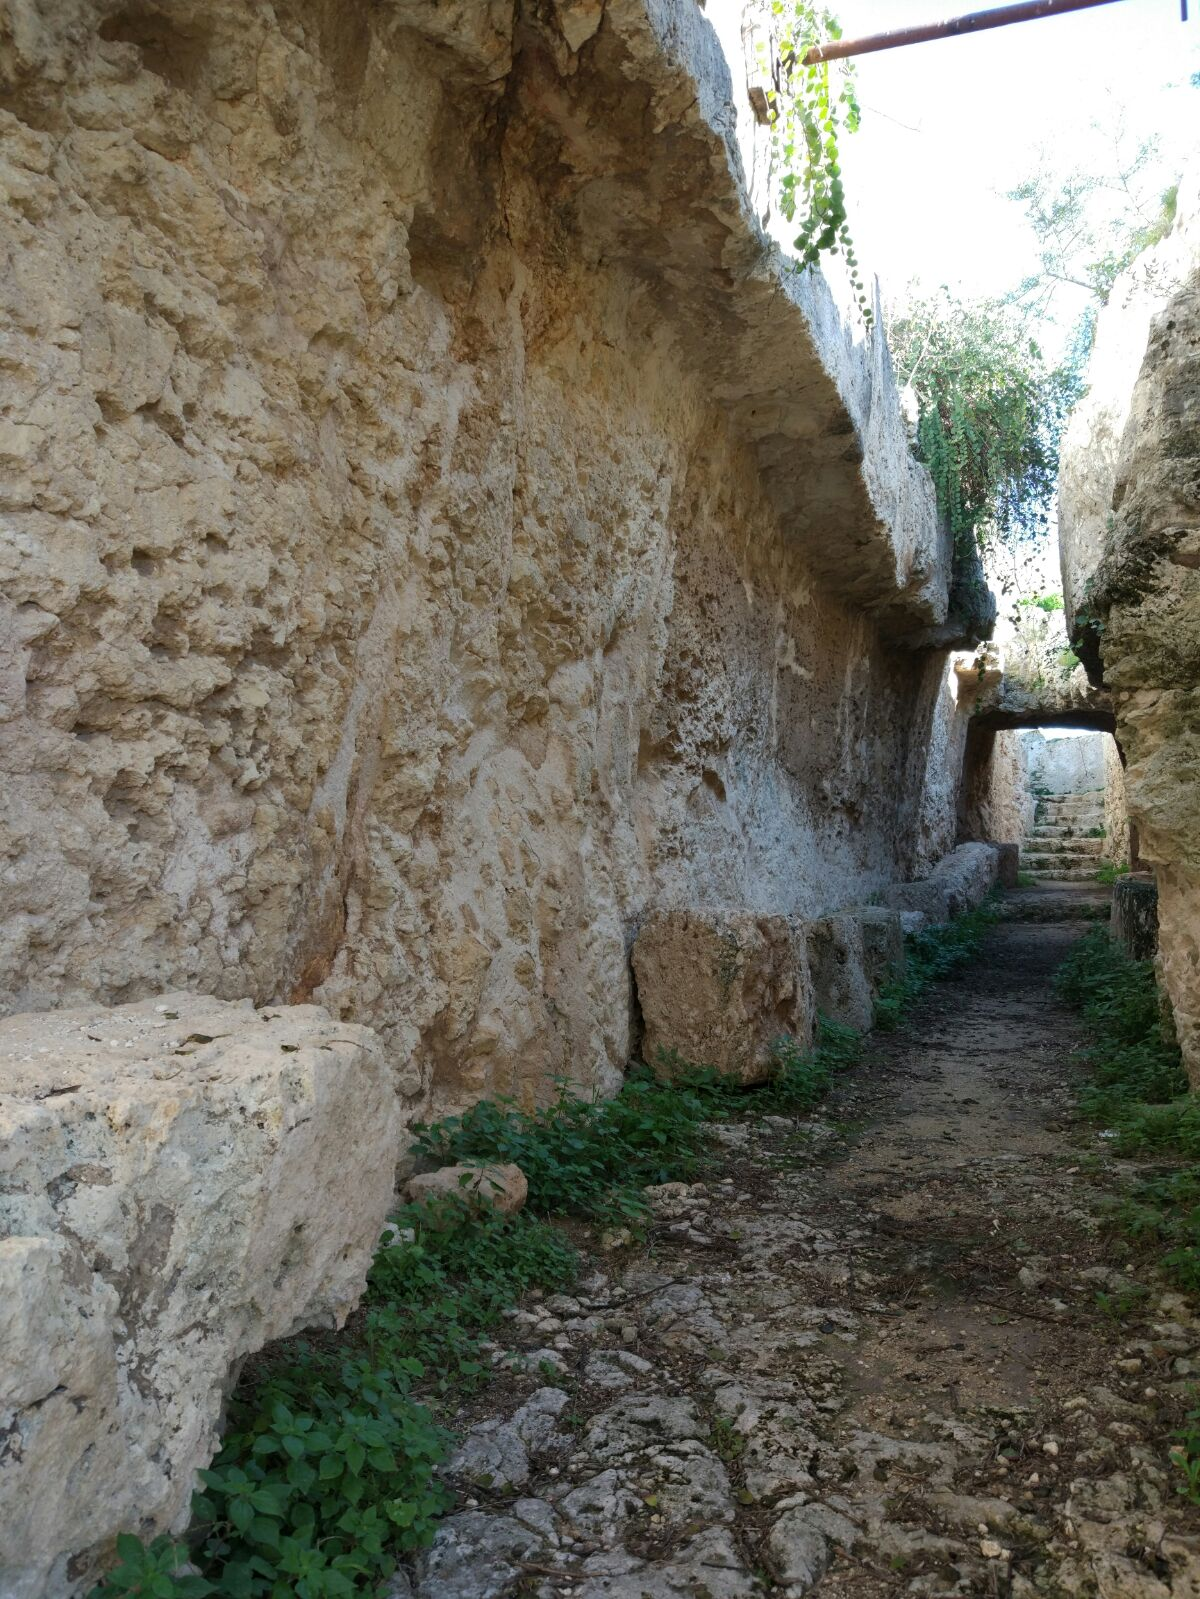 castello eurialo scorcio di un passaggio scavato nella roccia